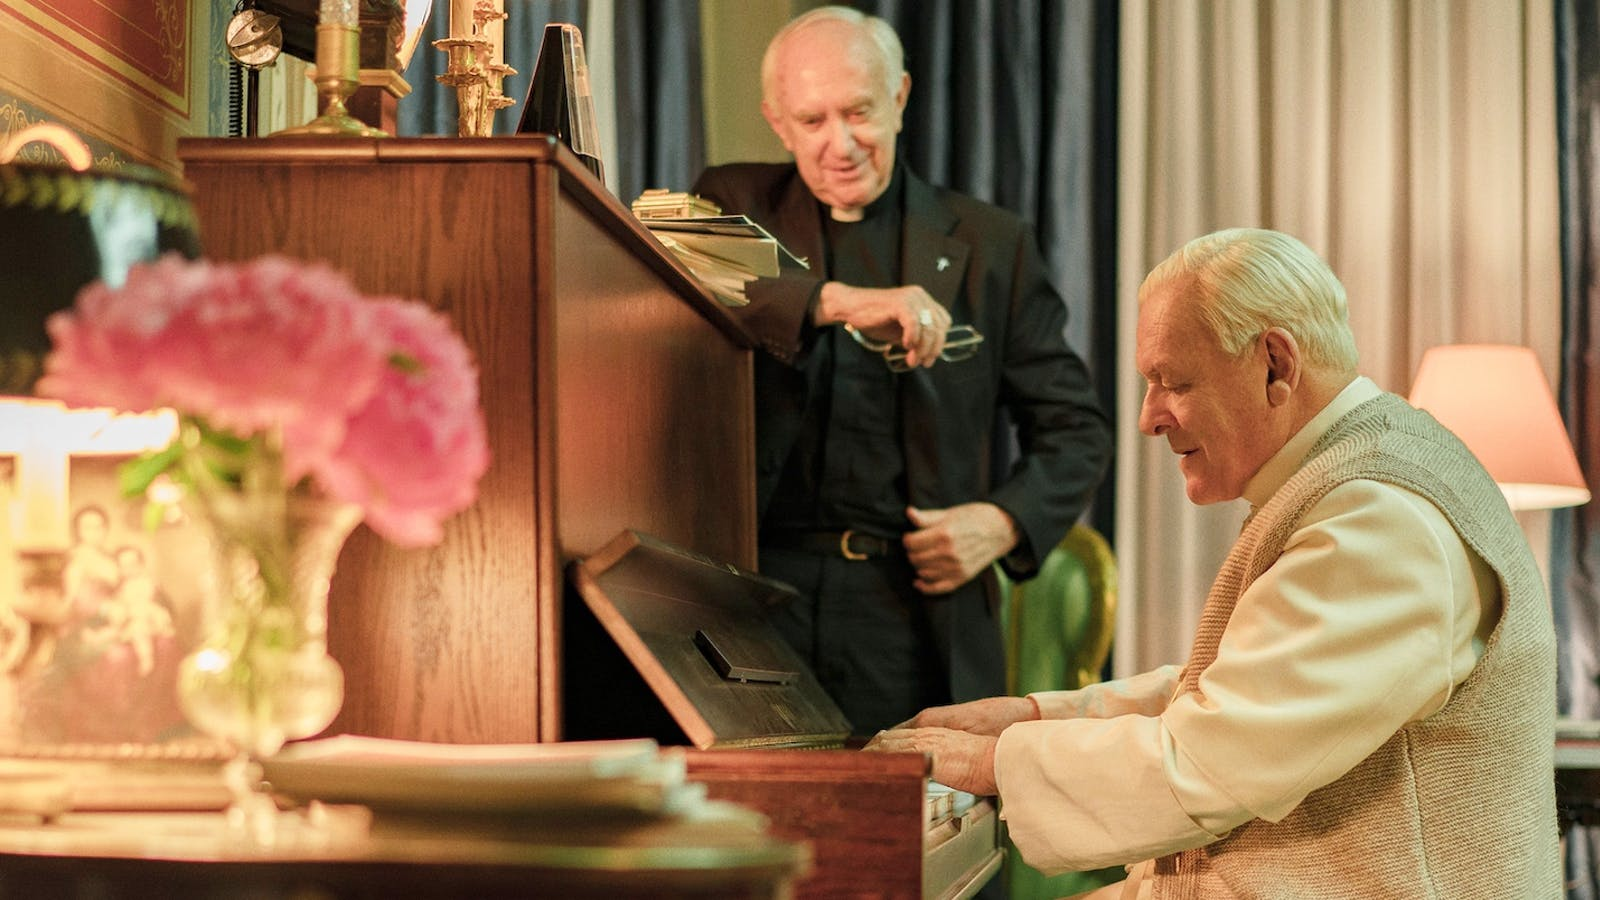 Một hình ảnh đời thường và cảm động trong phim Hai Đức Giáo hoàng. Cảnh từ phim.